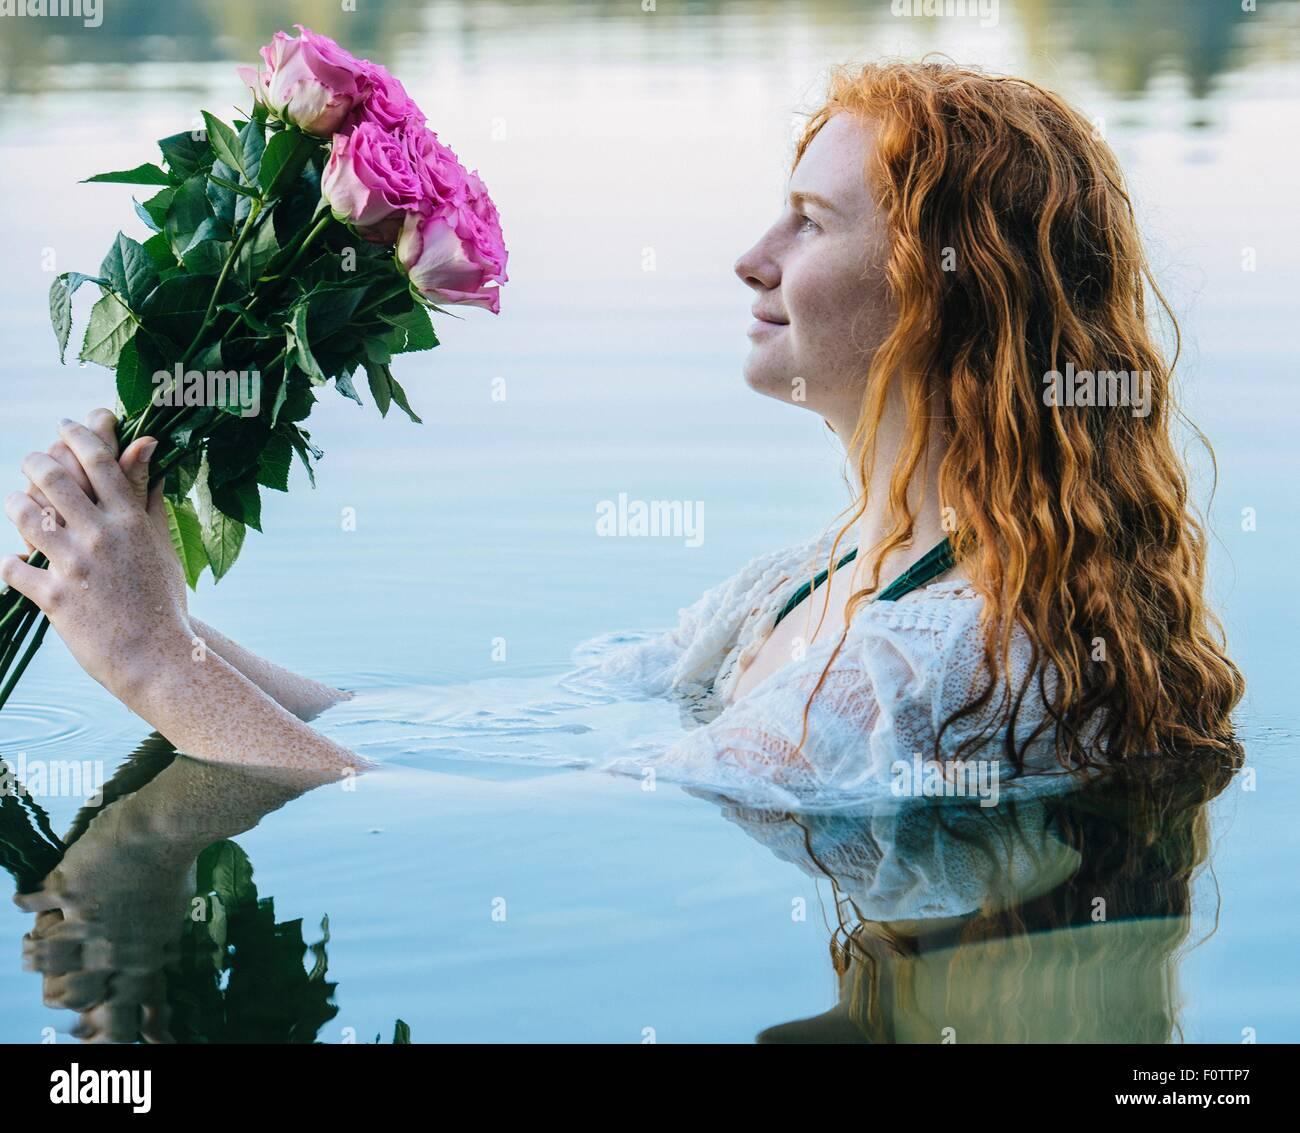 La testa e le spalle del giovane donna con lunghi capelli rossi nel lago guardando a mazzo di rose rosa Immagini Stock